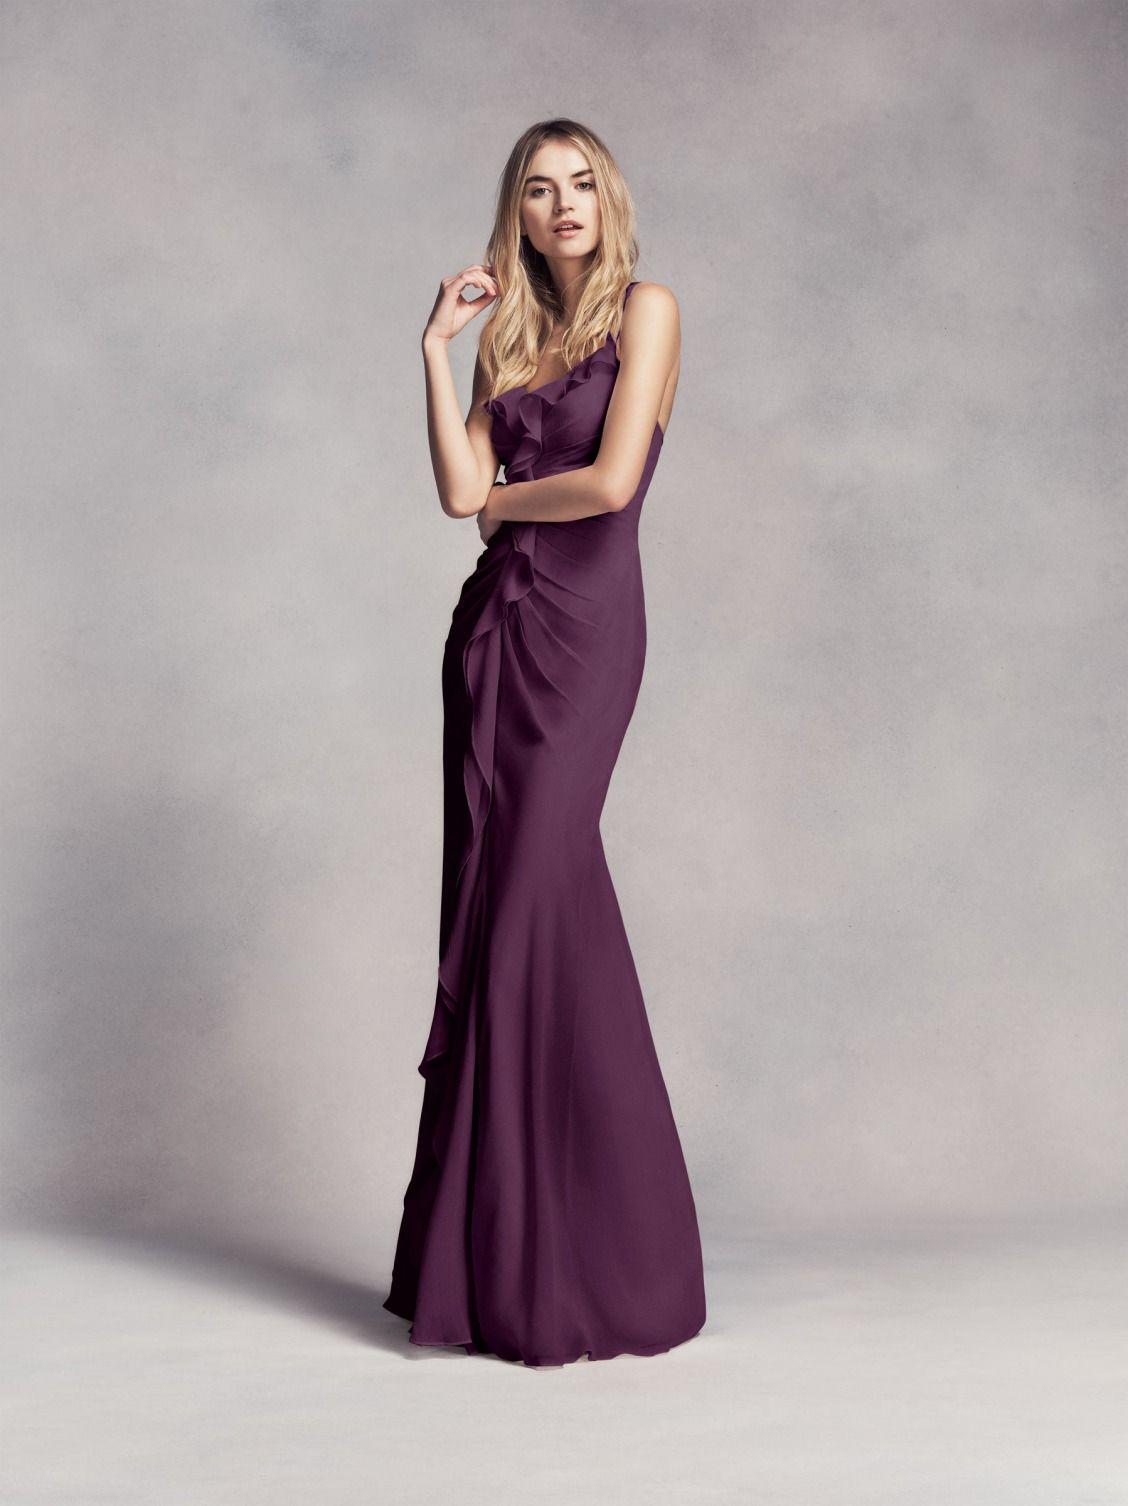 f3f2bc3b653 Spaghetti Strap and Ruffled Long Purple Chiffon White by Vera Wang  Bridesmaid Dress at David s Bridal